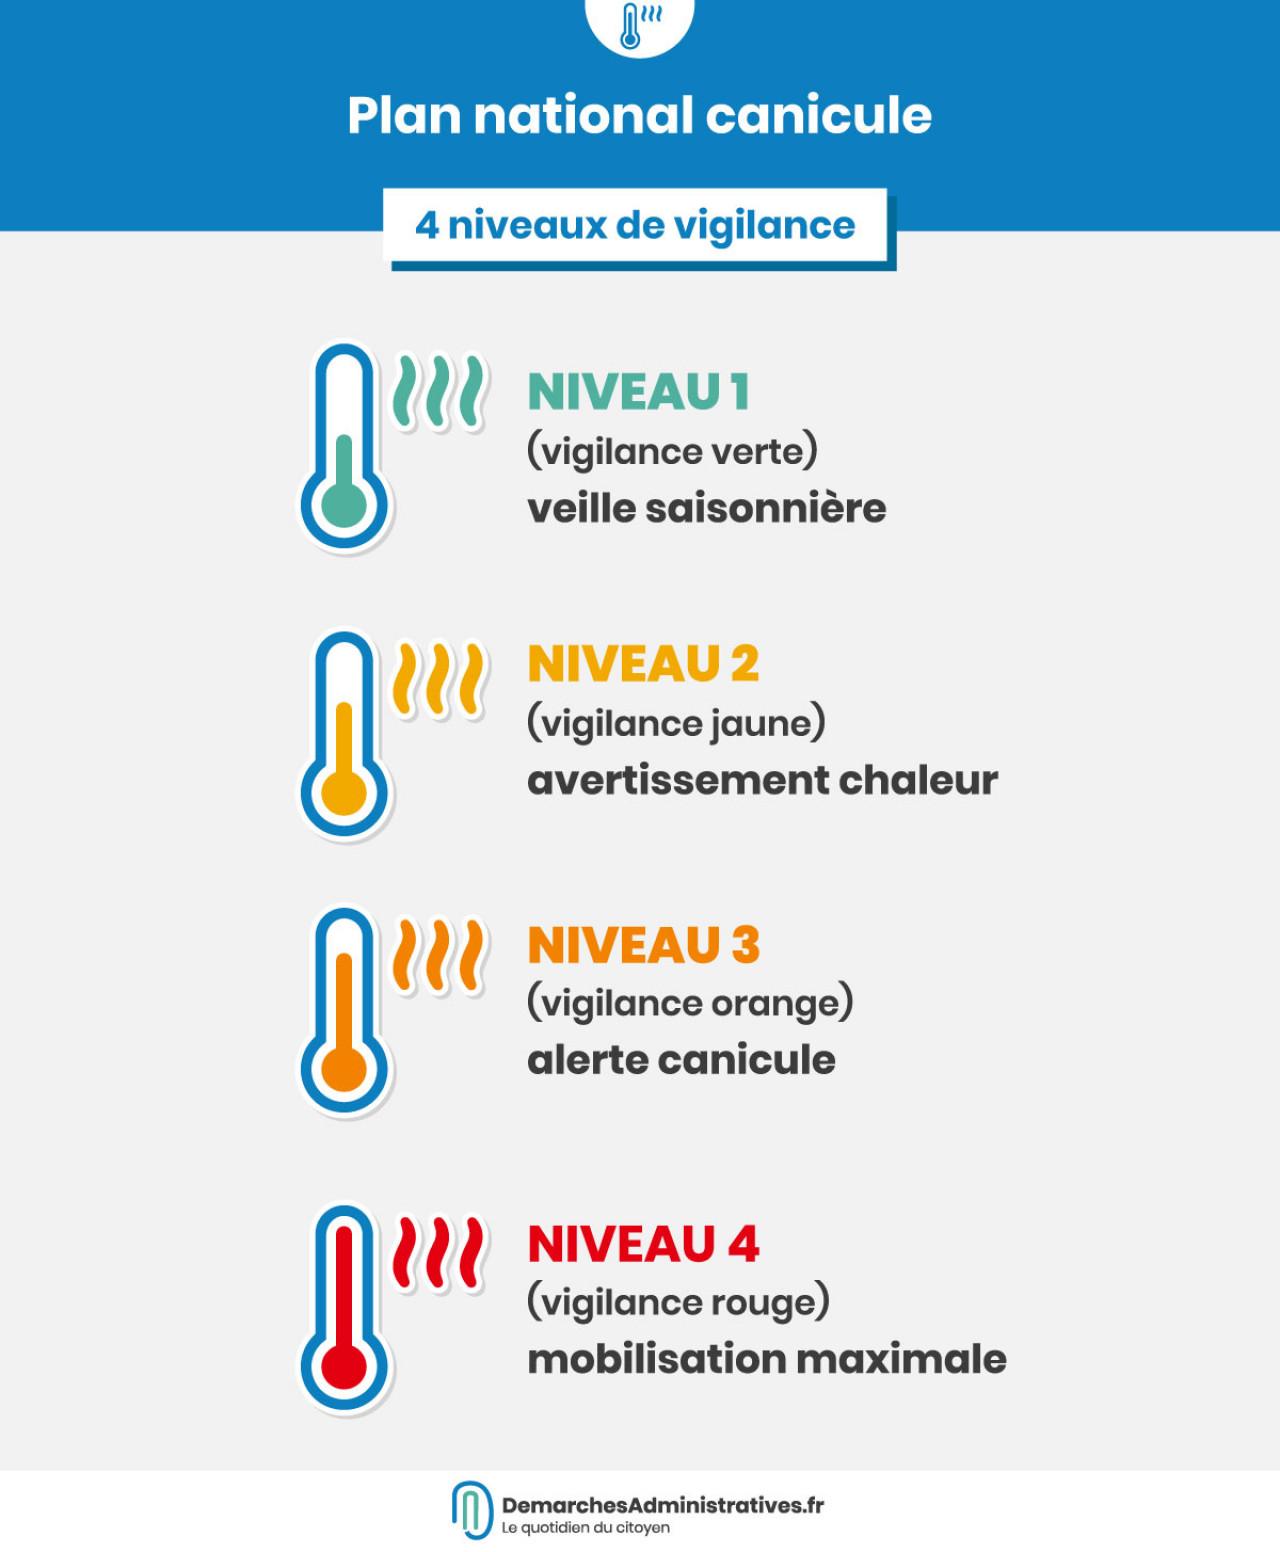 Canicule : risques, prévention et solutions en cas de forte chaleur